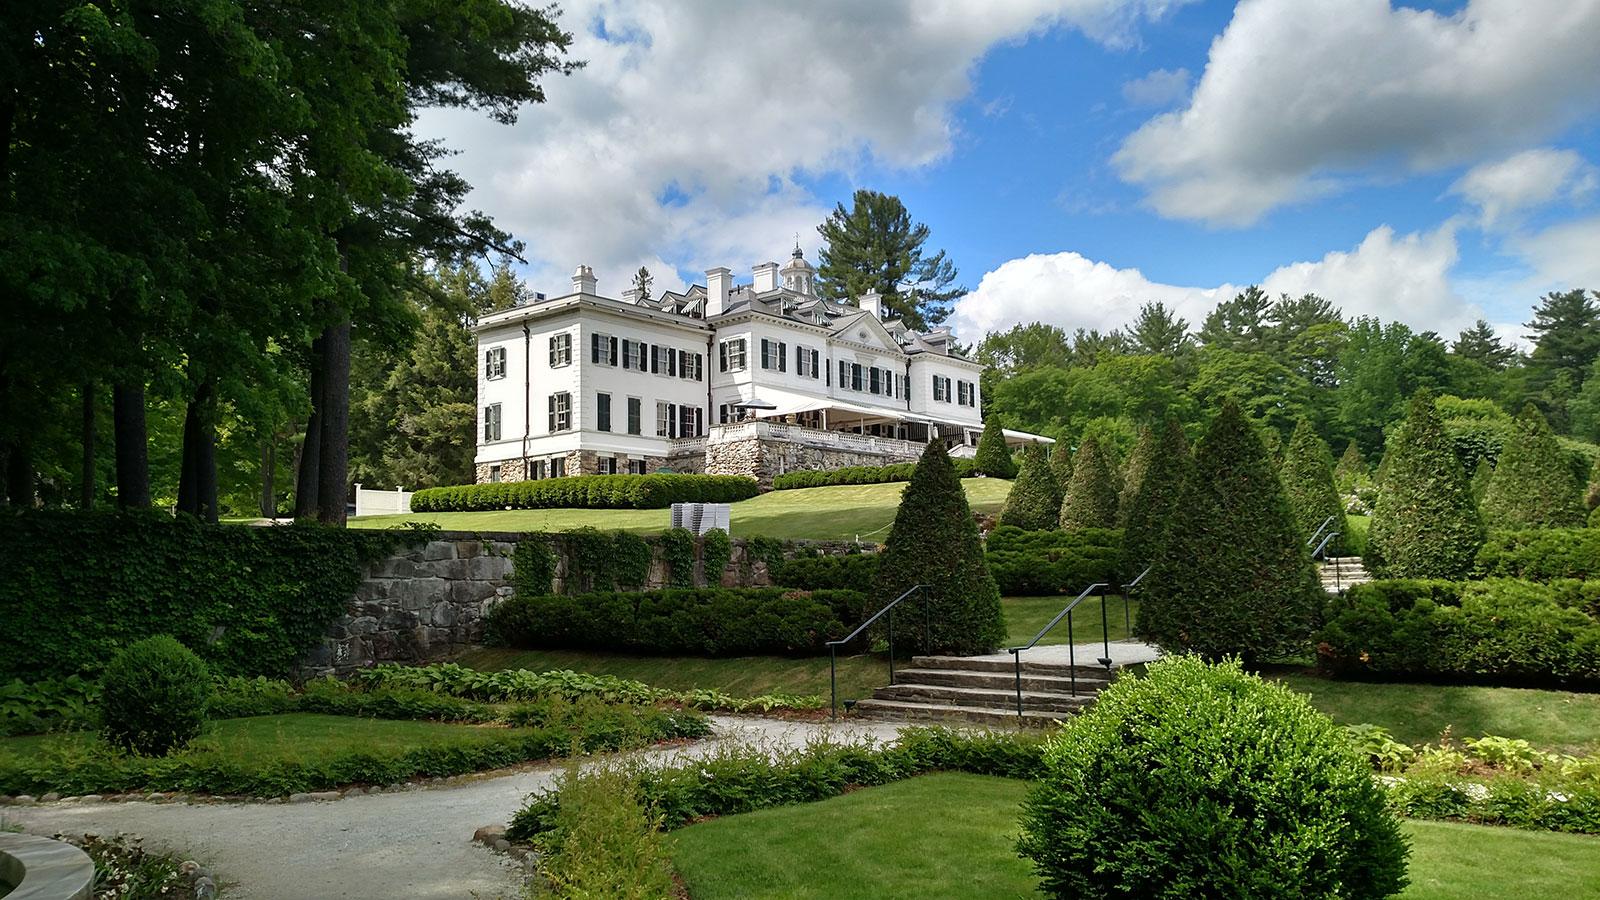 The Mount - a antiga casa de Edith Wharton